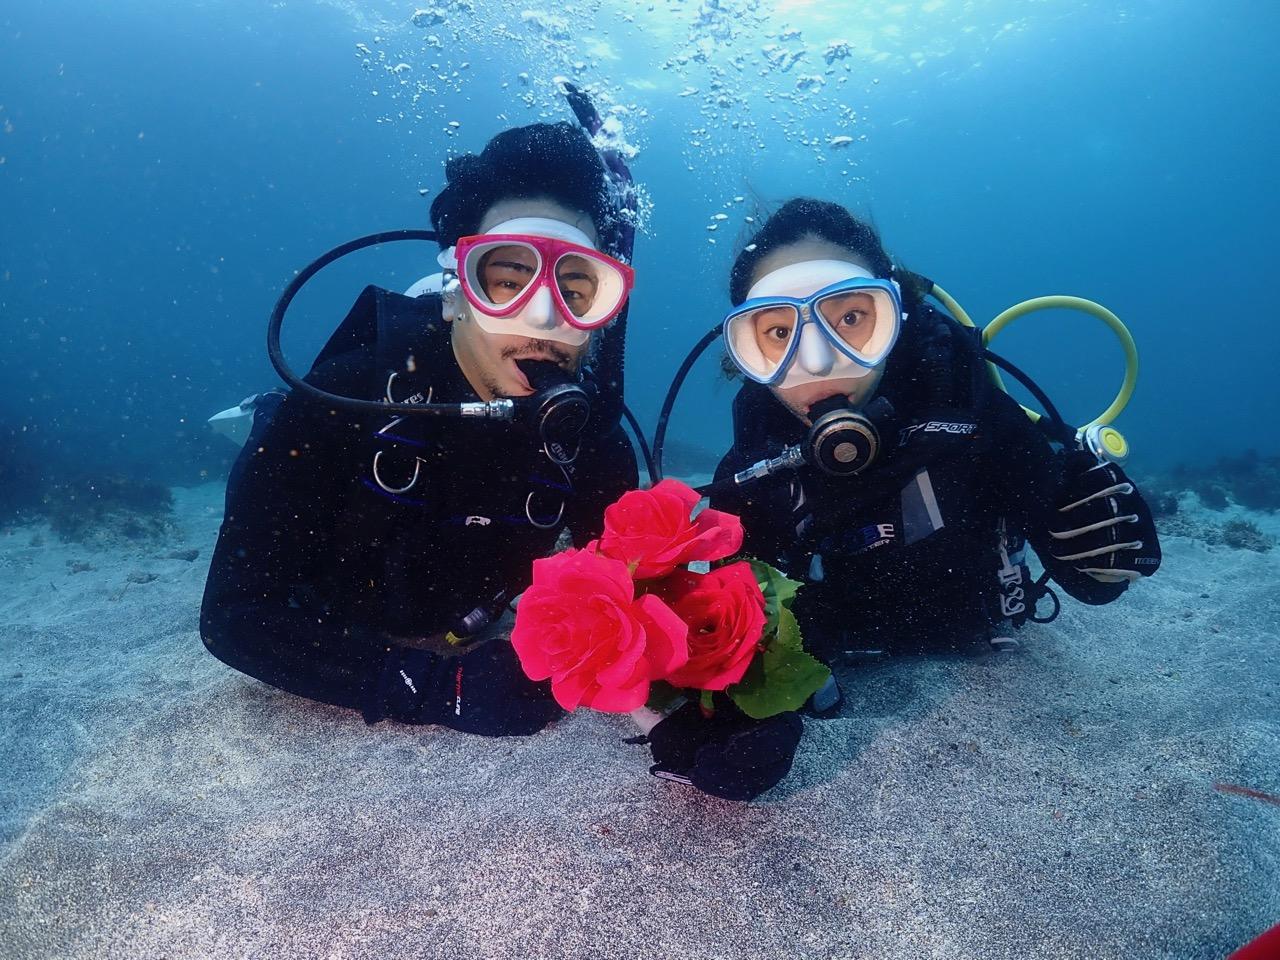 【ダイビング×カップルプラン】◆二人だけでじっくり体験ダイビングを楽しめる♪その...